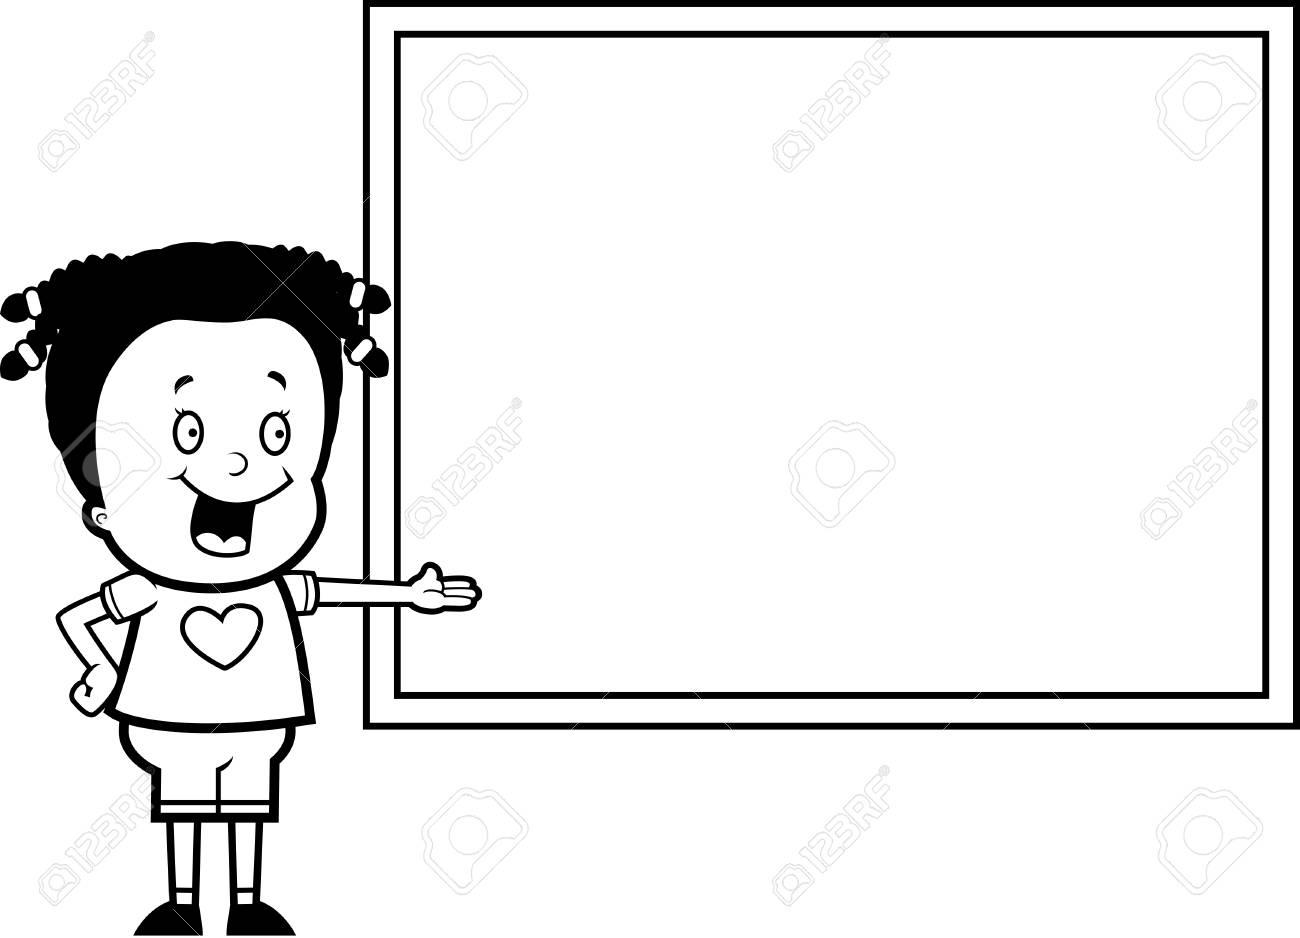 Una Niña De Dibujos Animados Feliz Delante De Una Pizarra